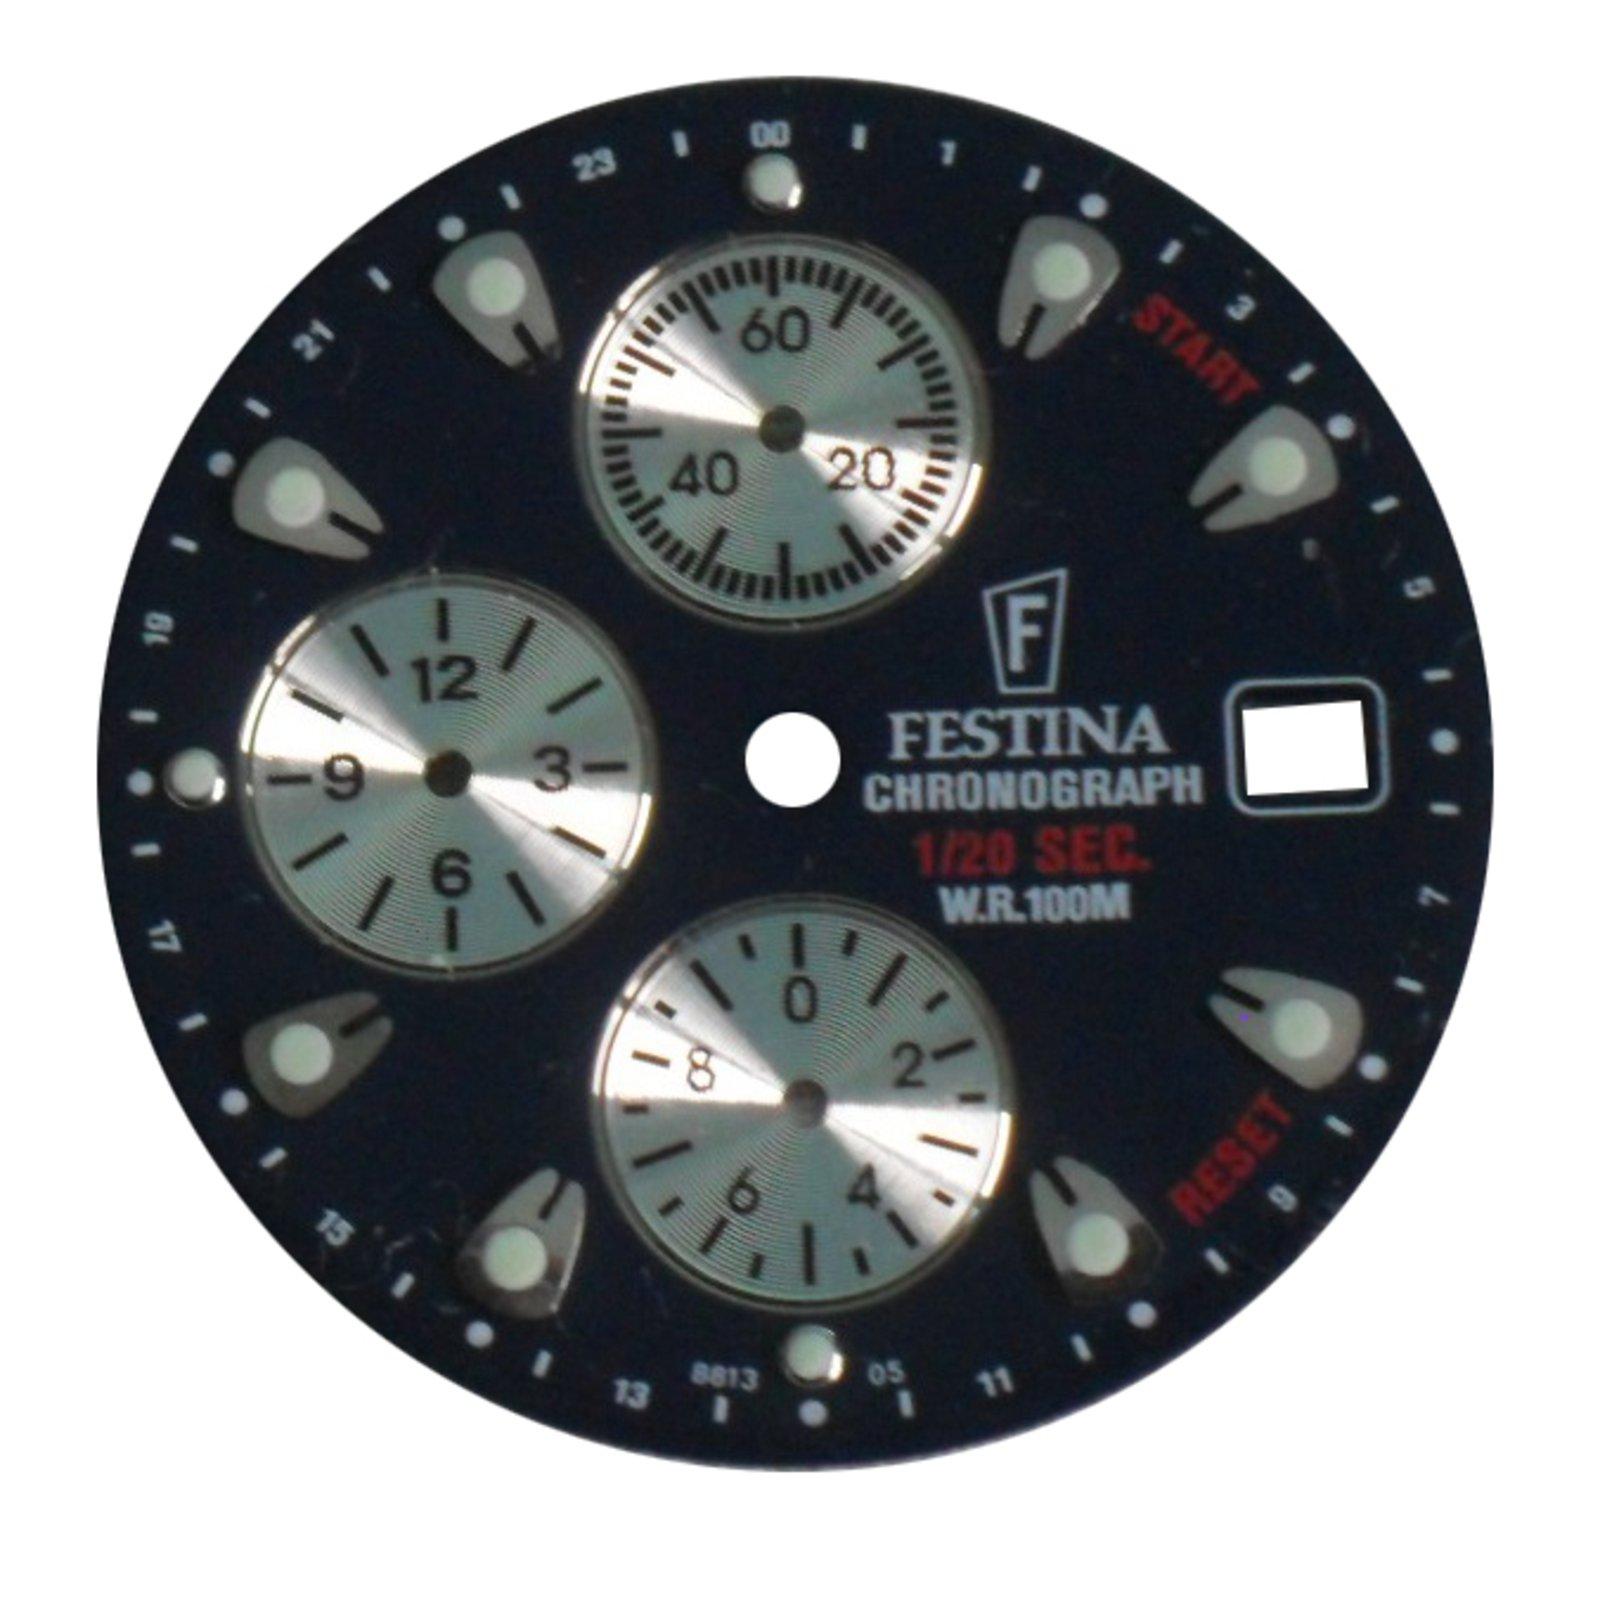 b1aa2a6692b4b cadran montre - Vous avez l'heure ?